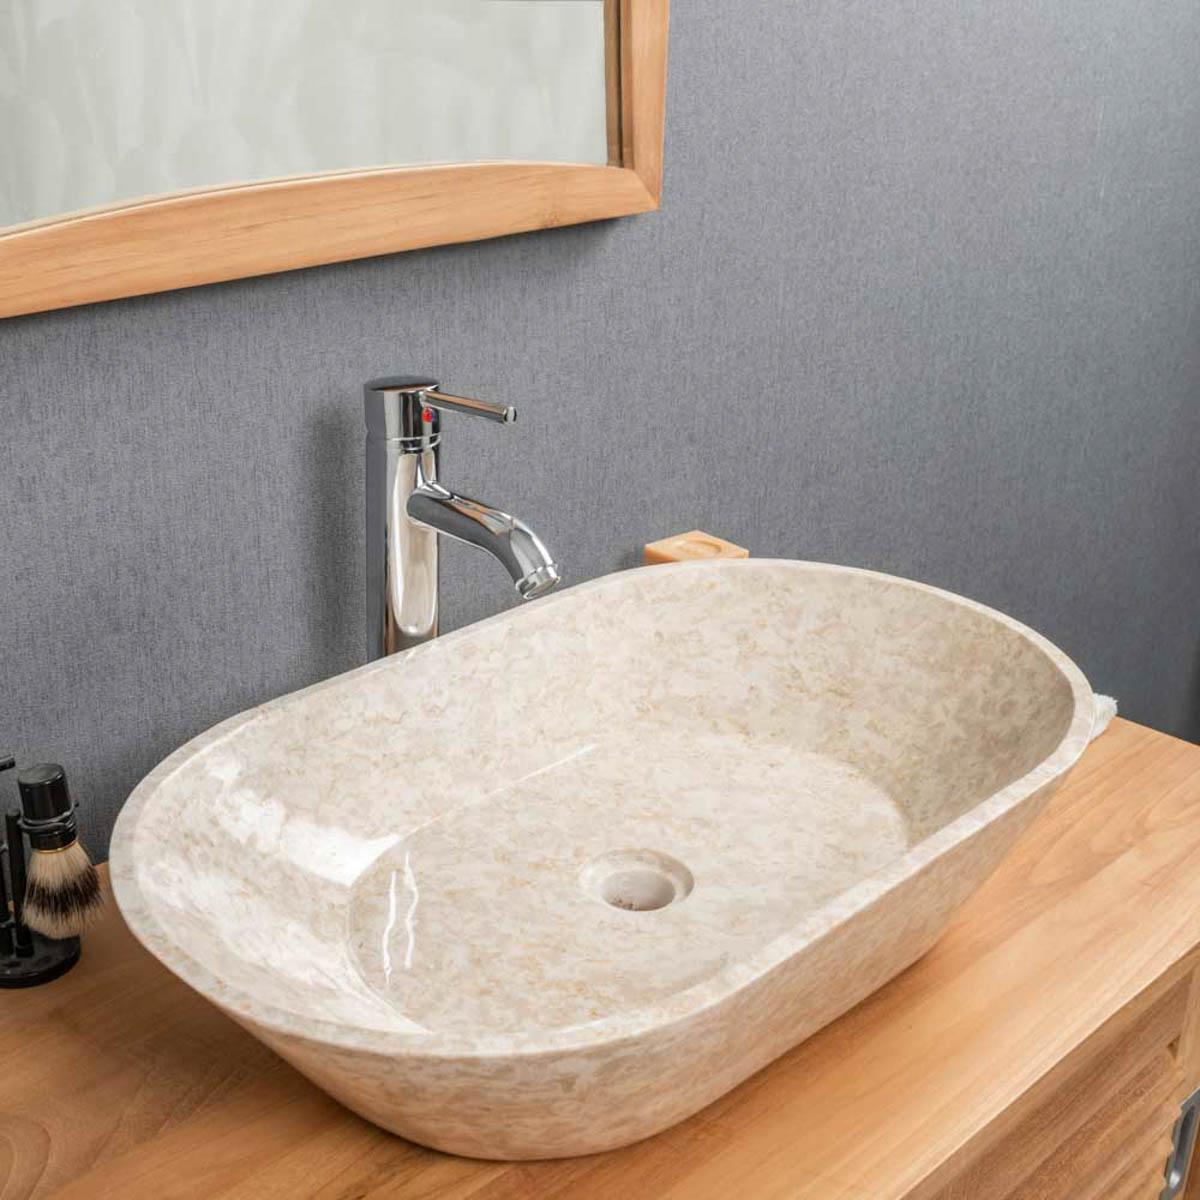 vasque salle de bain  vasque en marbre eve crème 60 cm